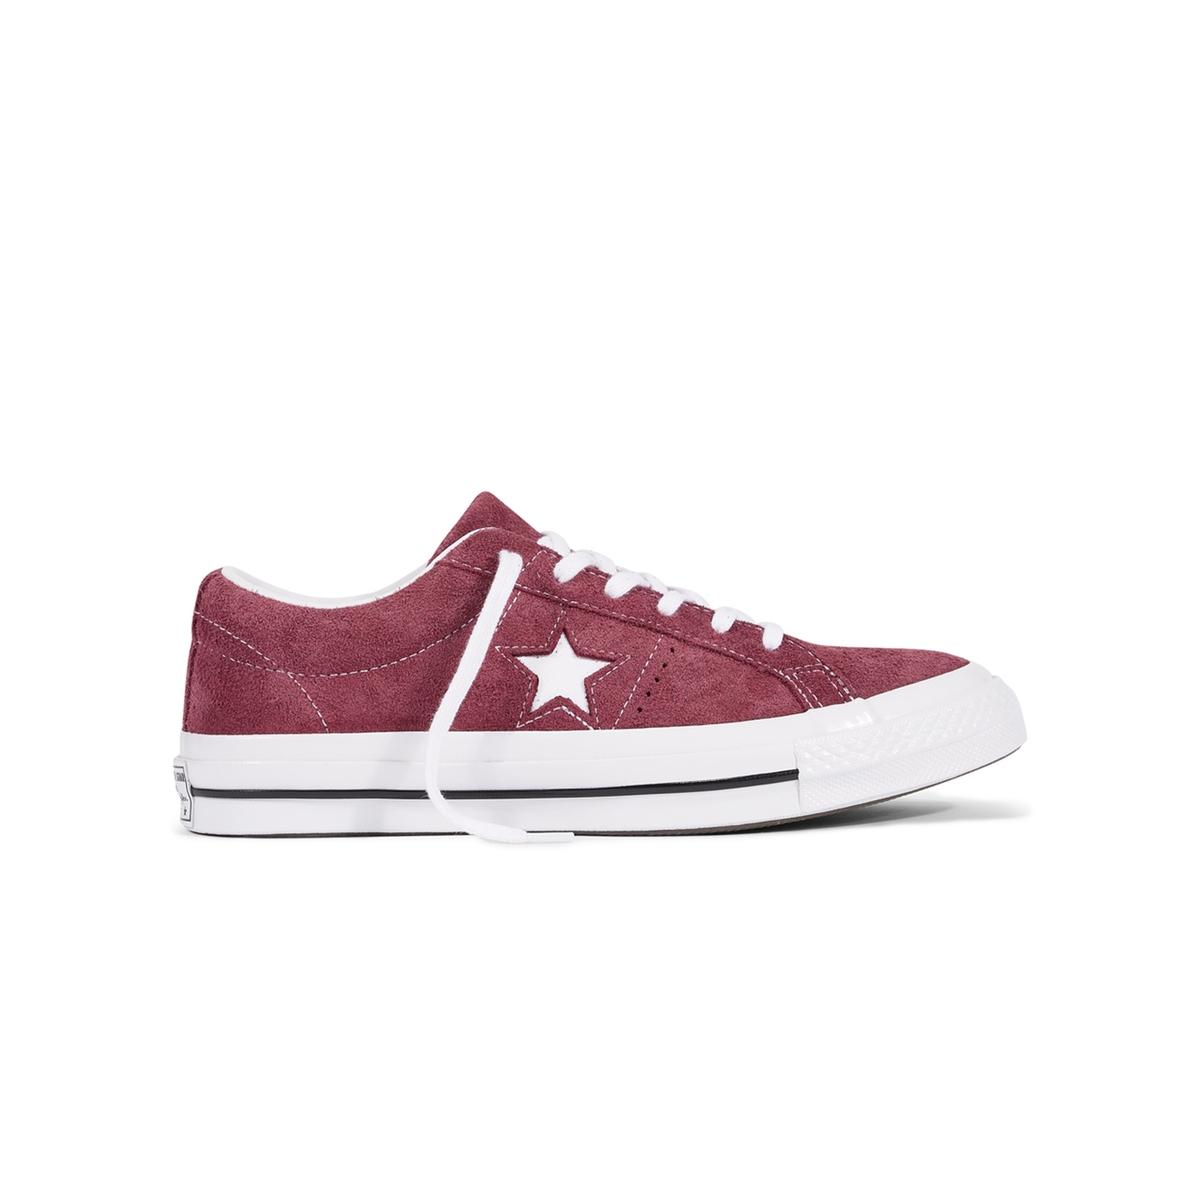 Zapatillas de piel ONE STAR OG VINTAGE SUEDE